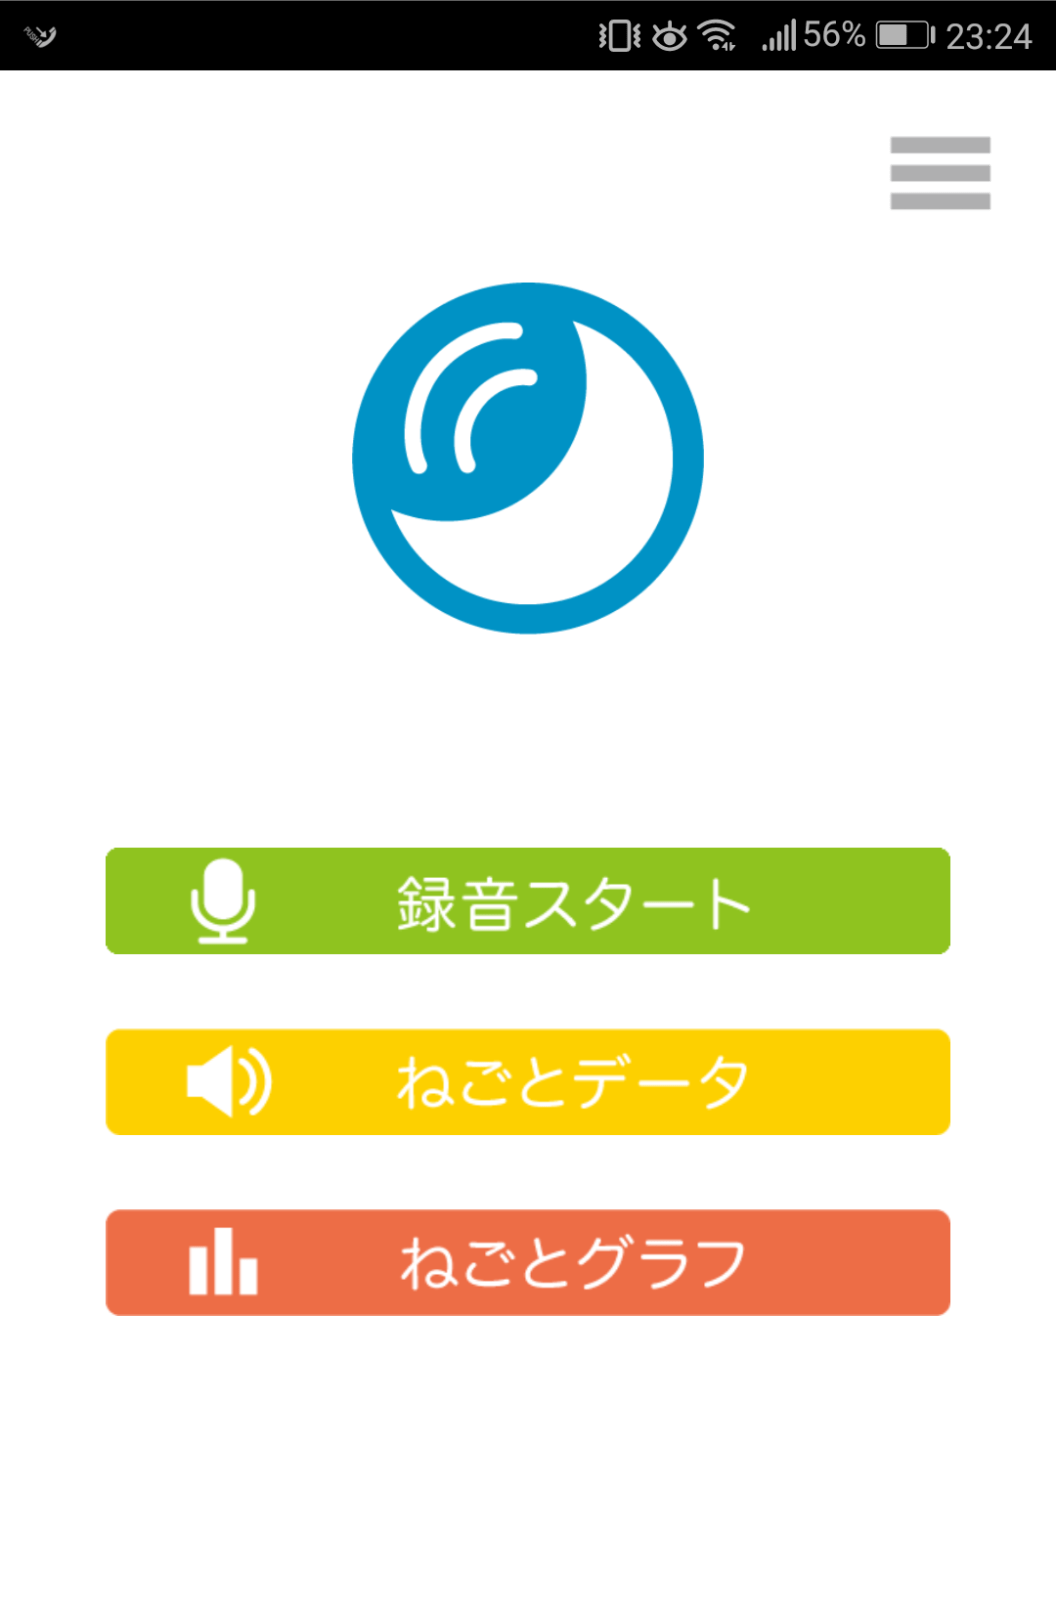 寝言・いびき録音アプリのメニュー画面